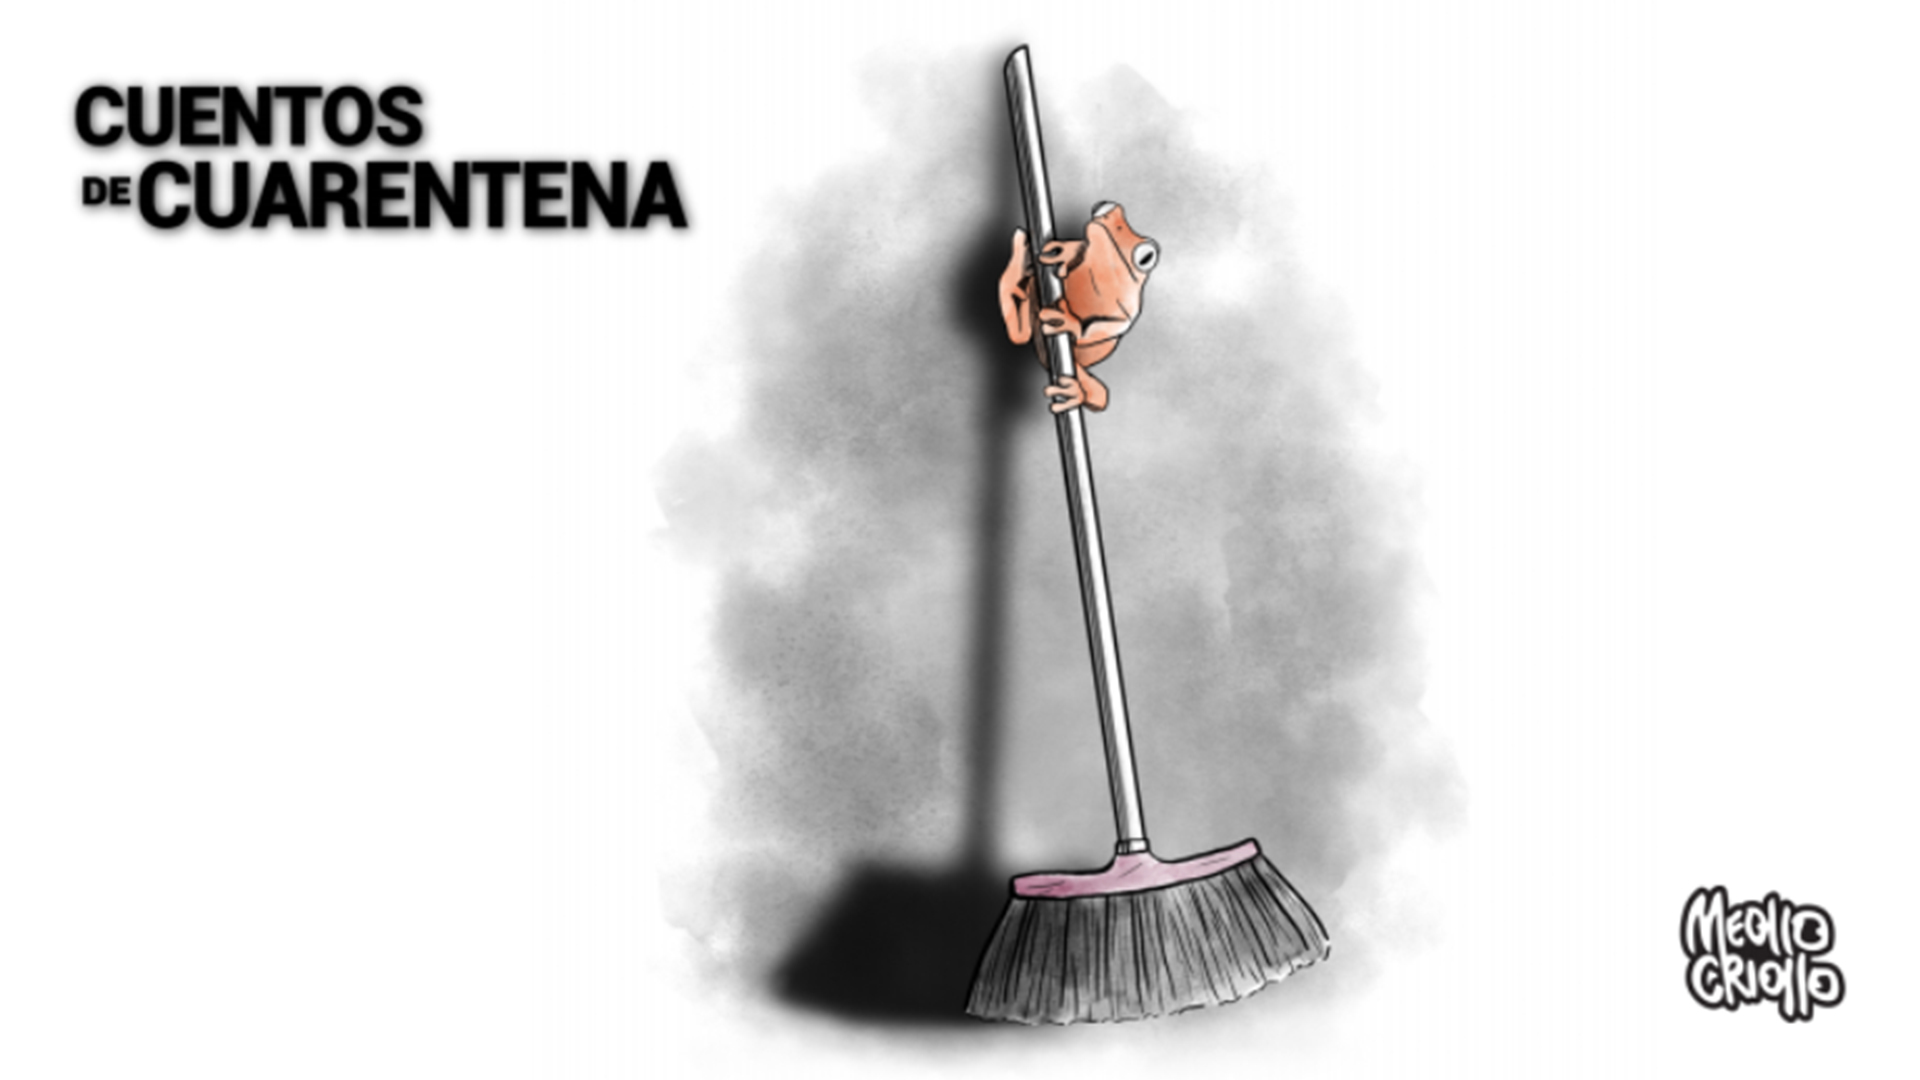 #CuentosdeCuarentena | Relatos de cuando el mundo se paró VII